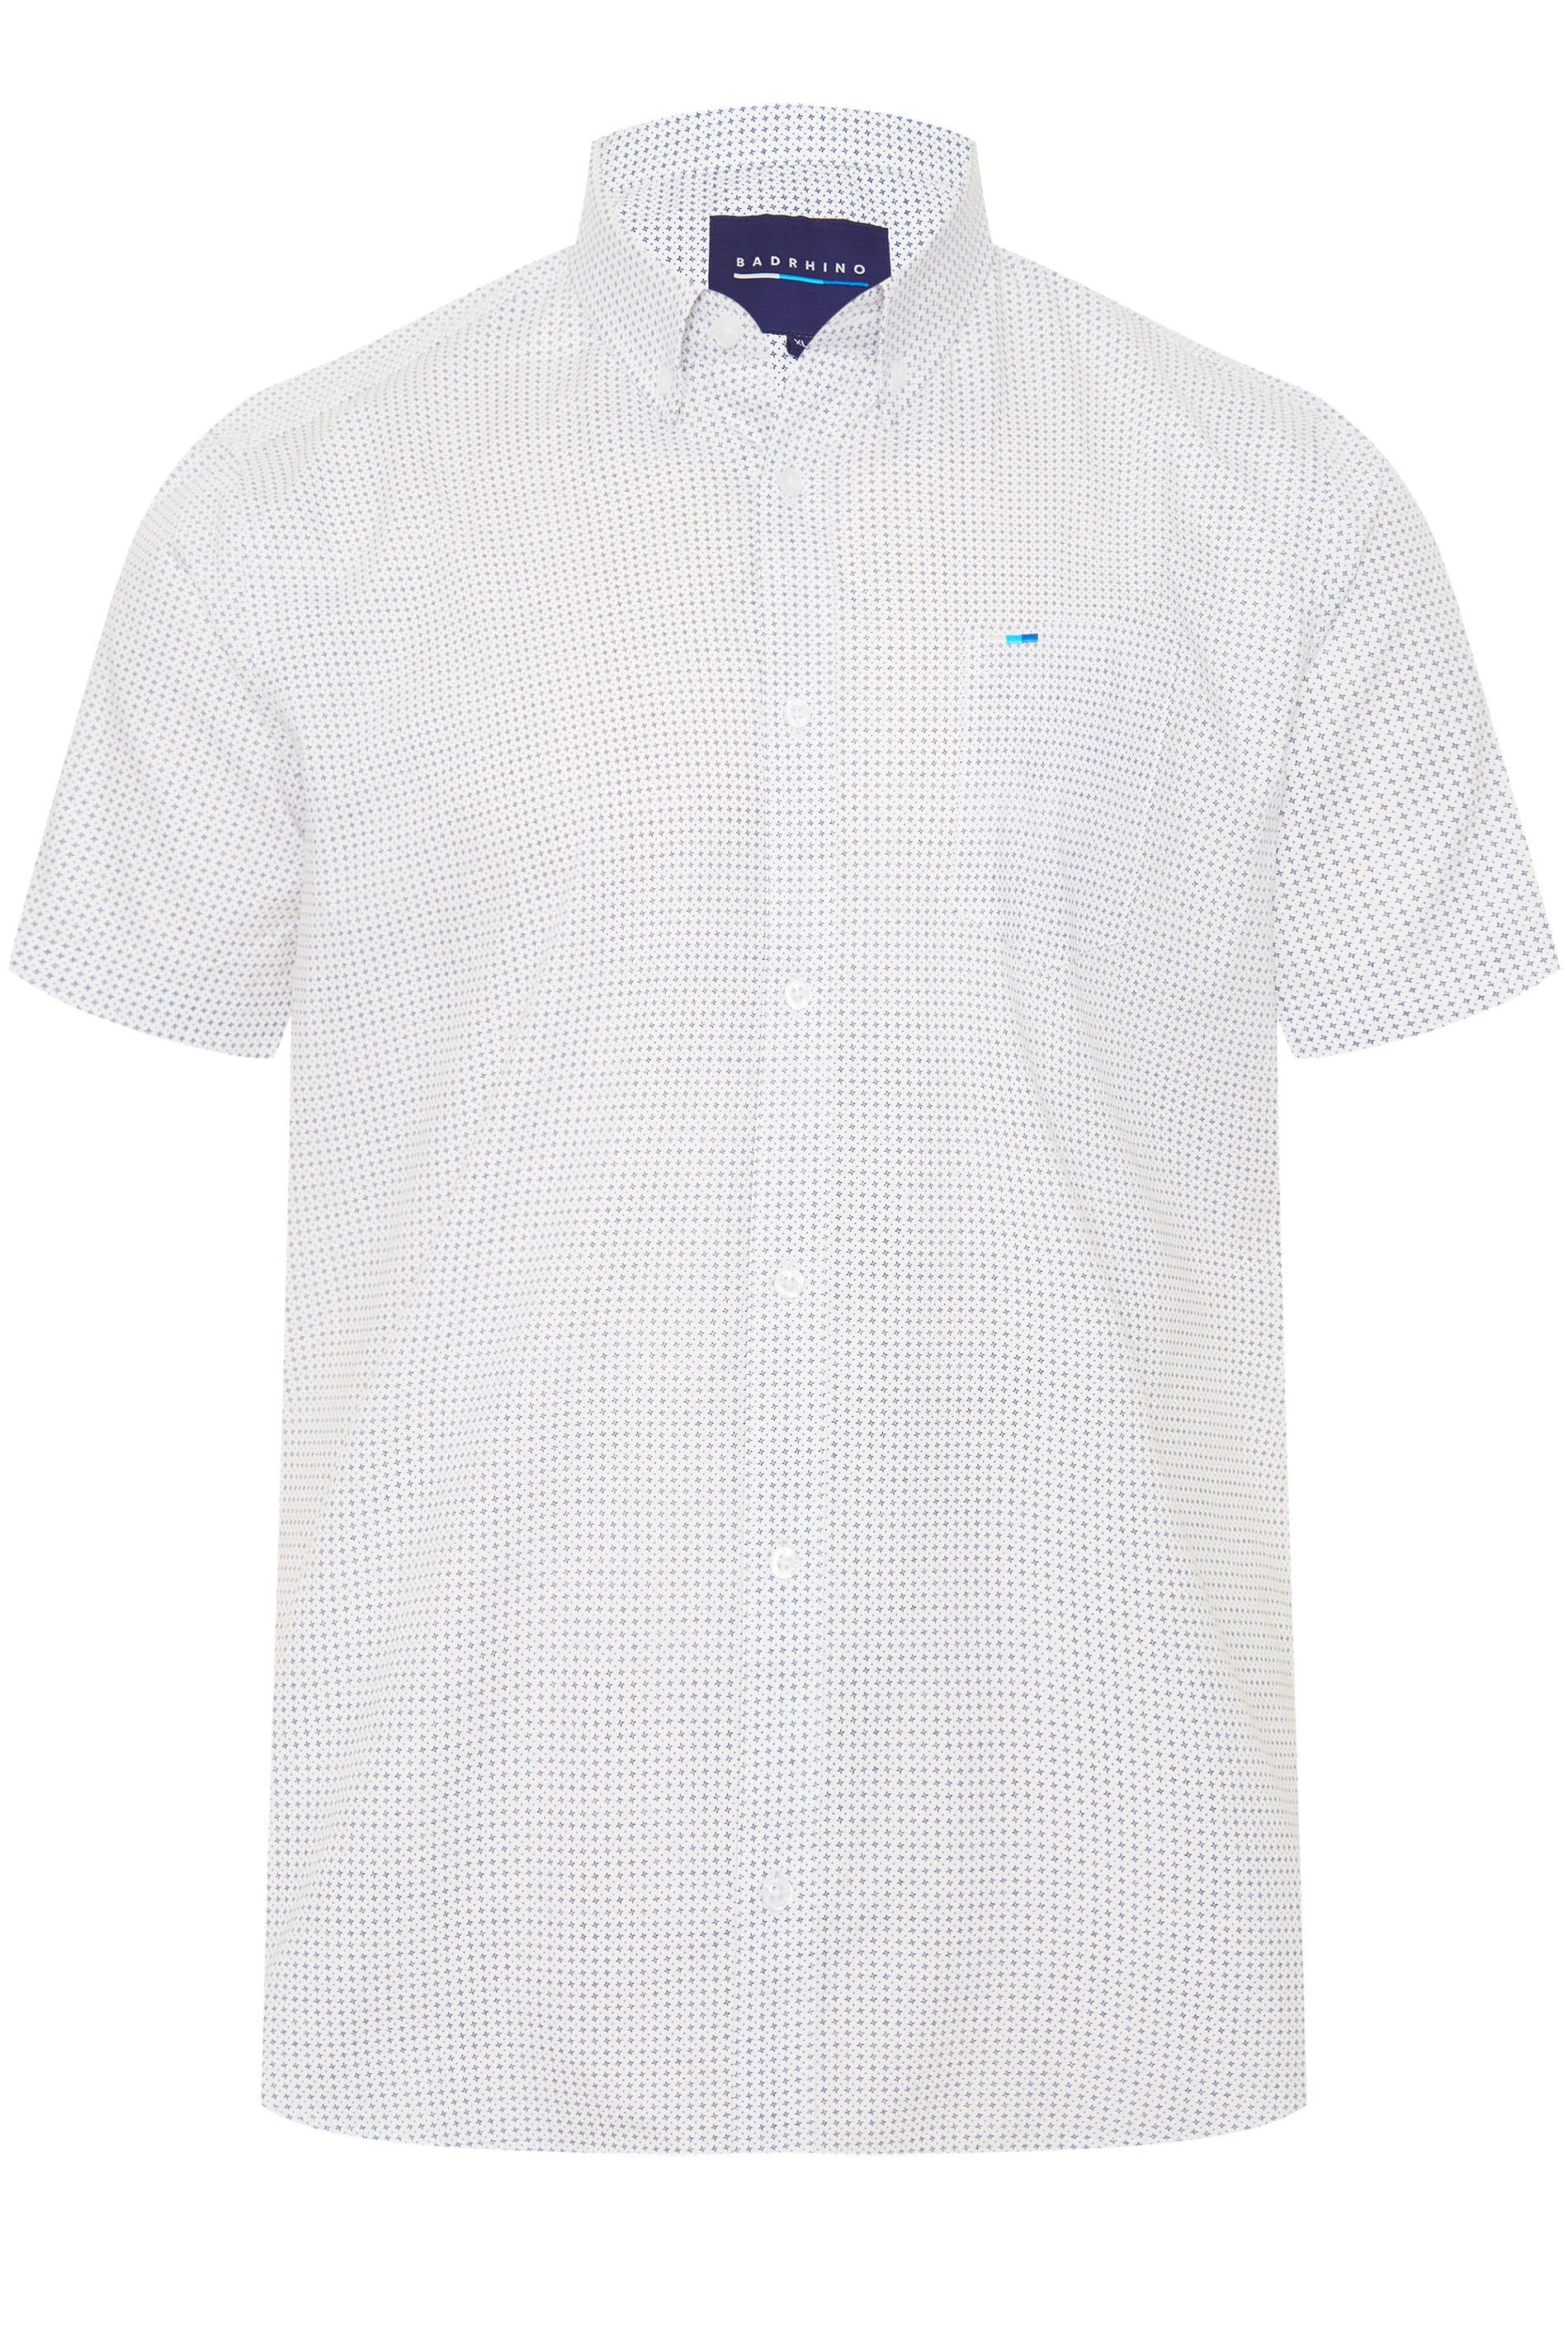 BadRhino White Printed Shirt